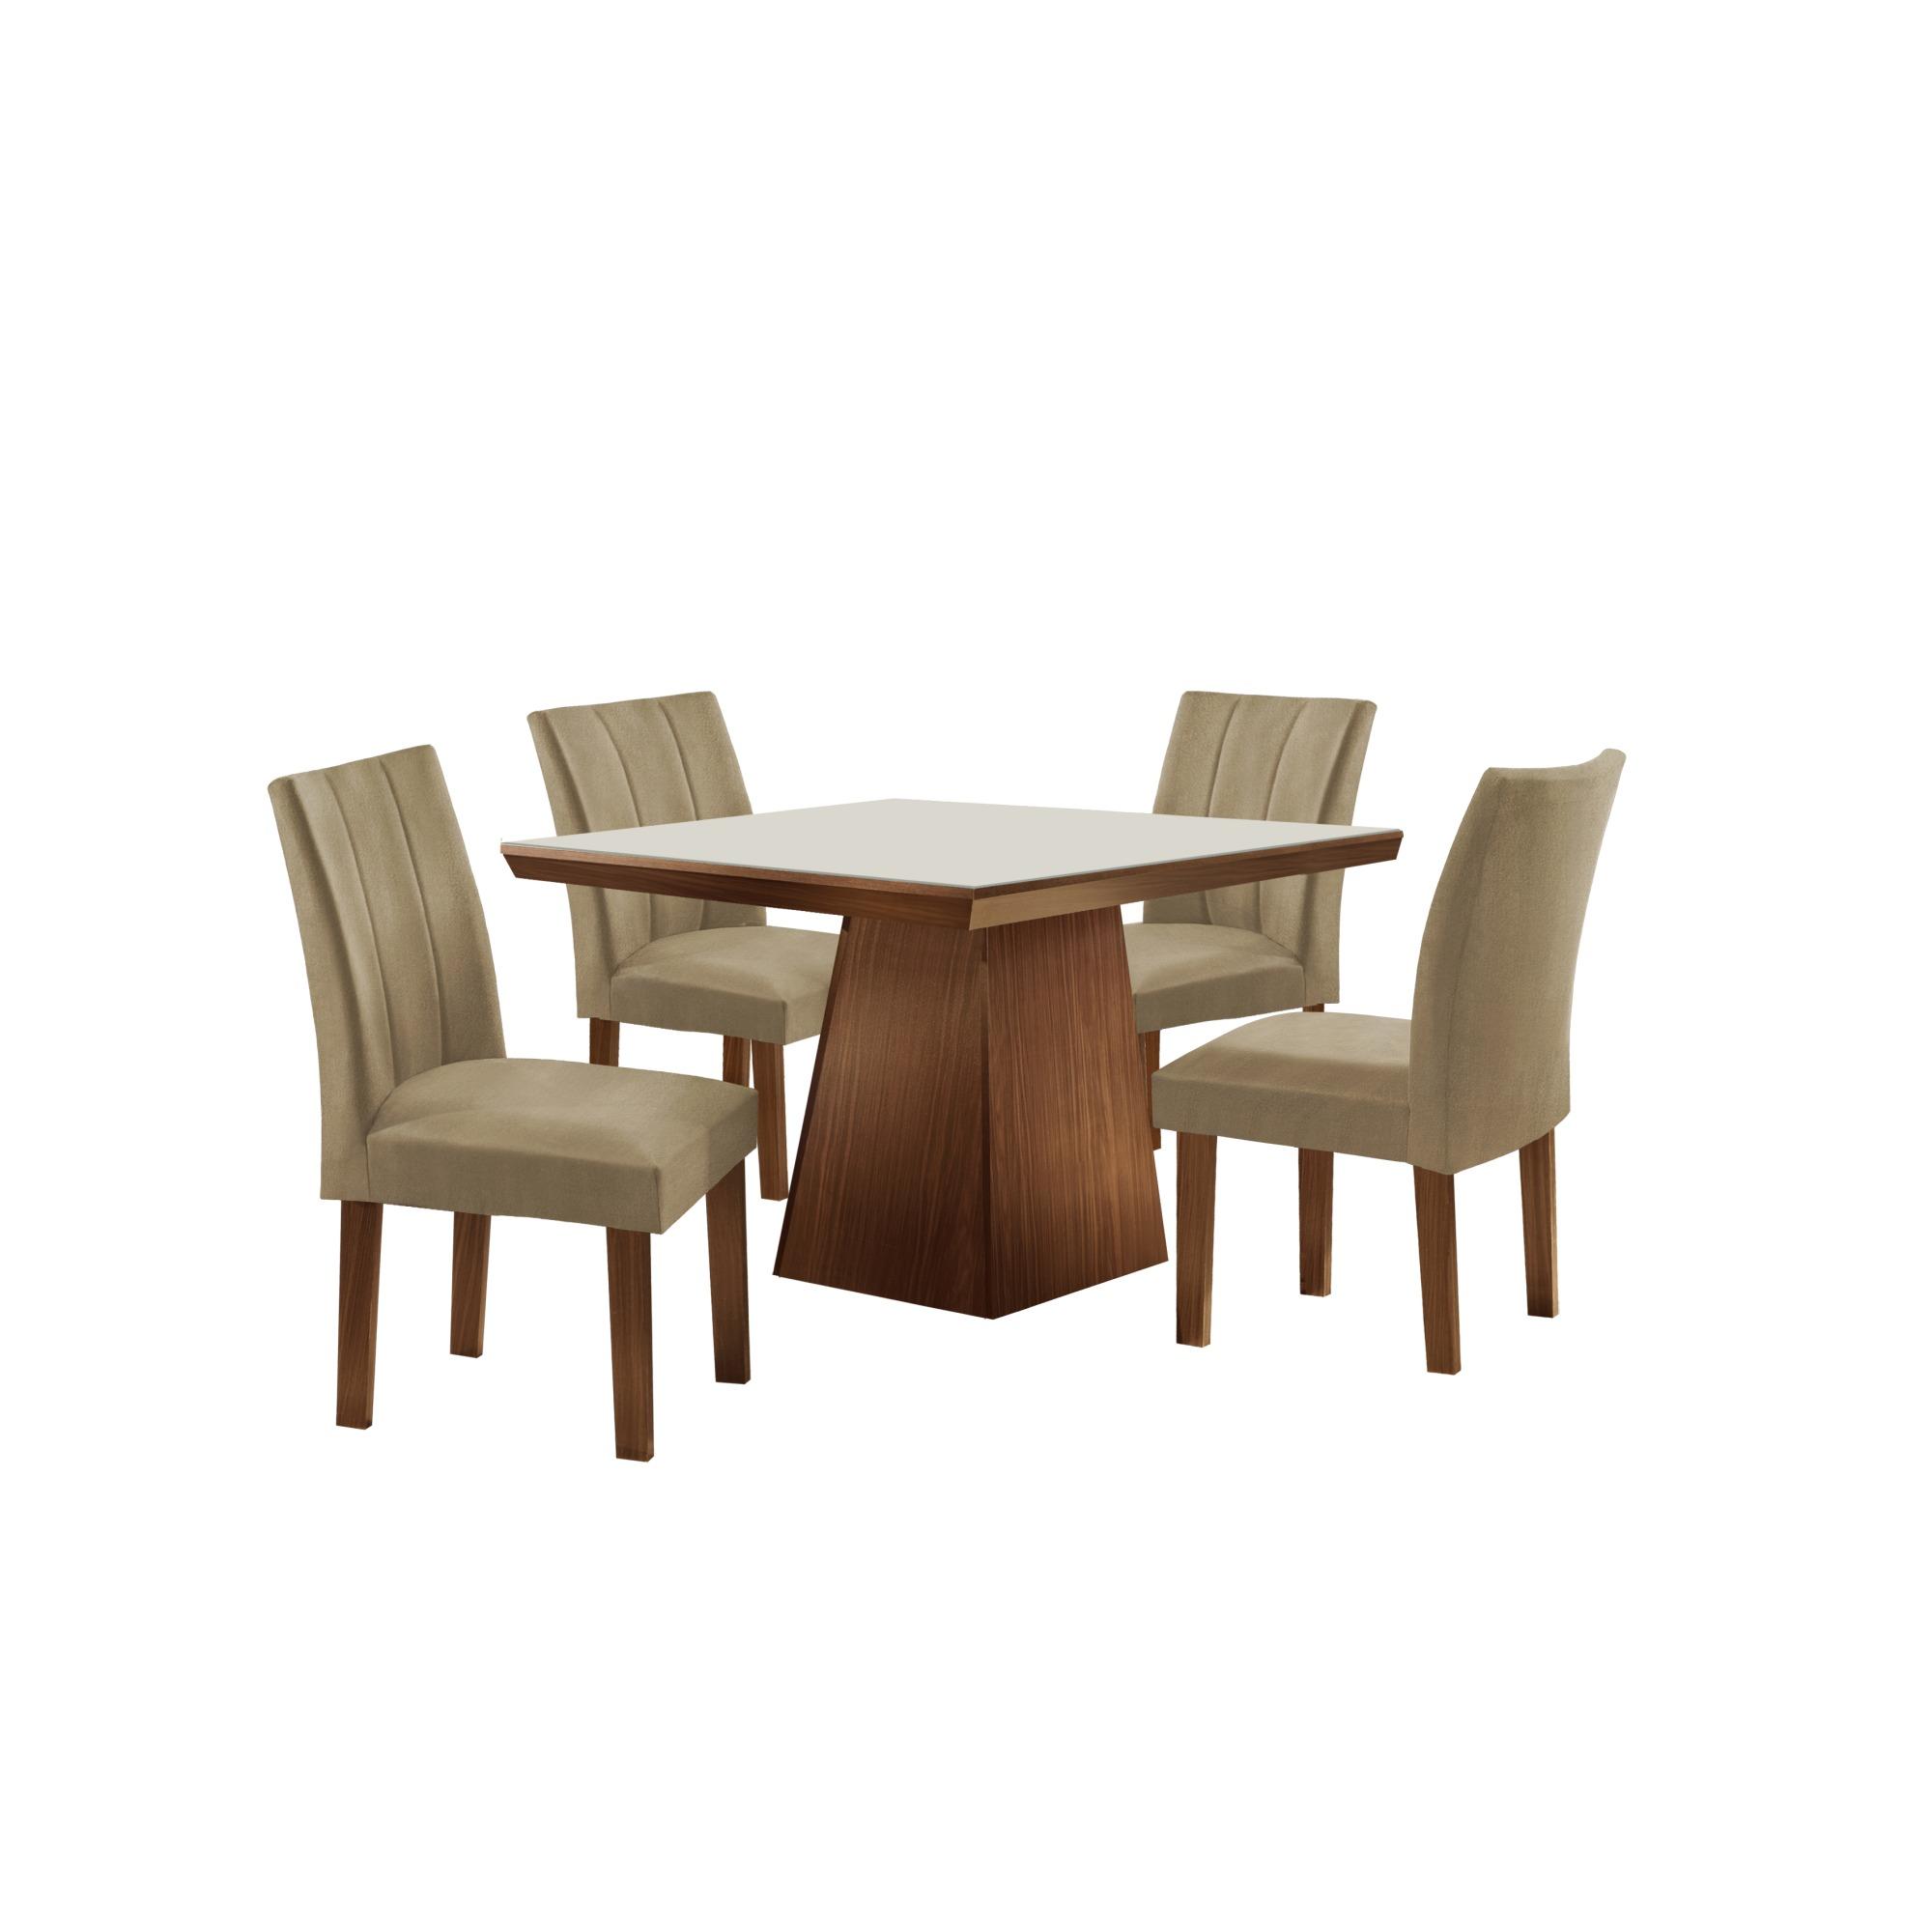 Conjunto de Mesa com 4 Cadeiras 90x90cm MDF Tampo de Vidro - LJ Moveis